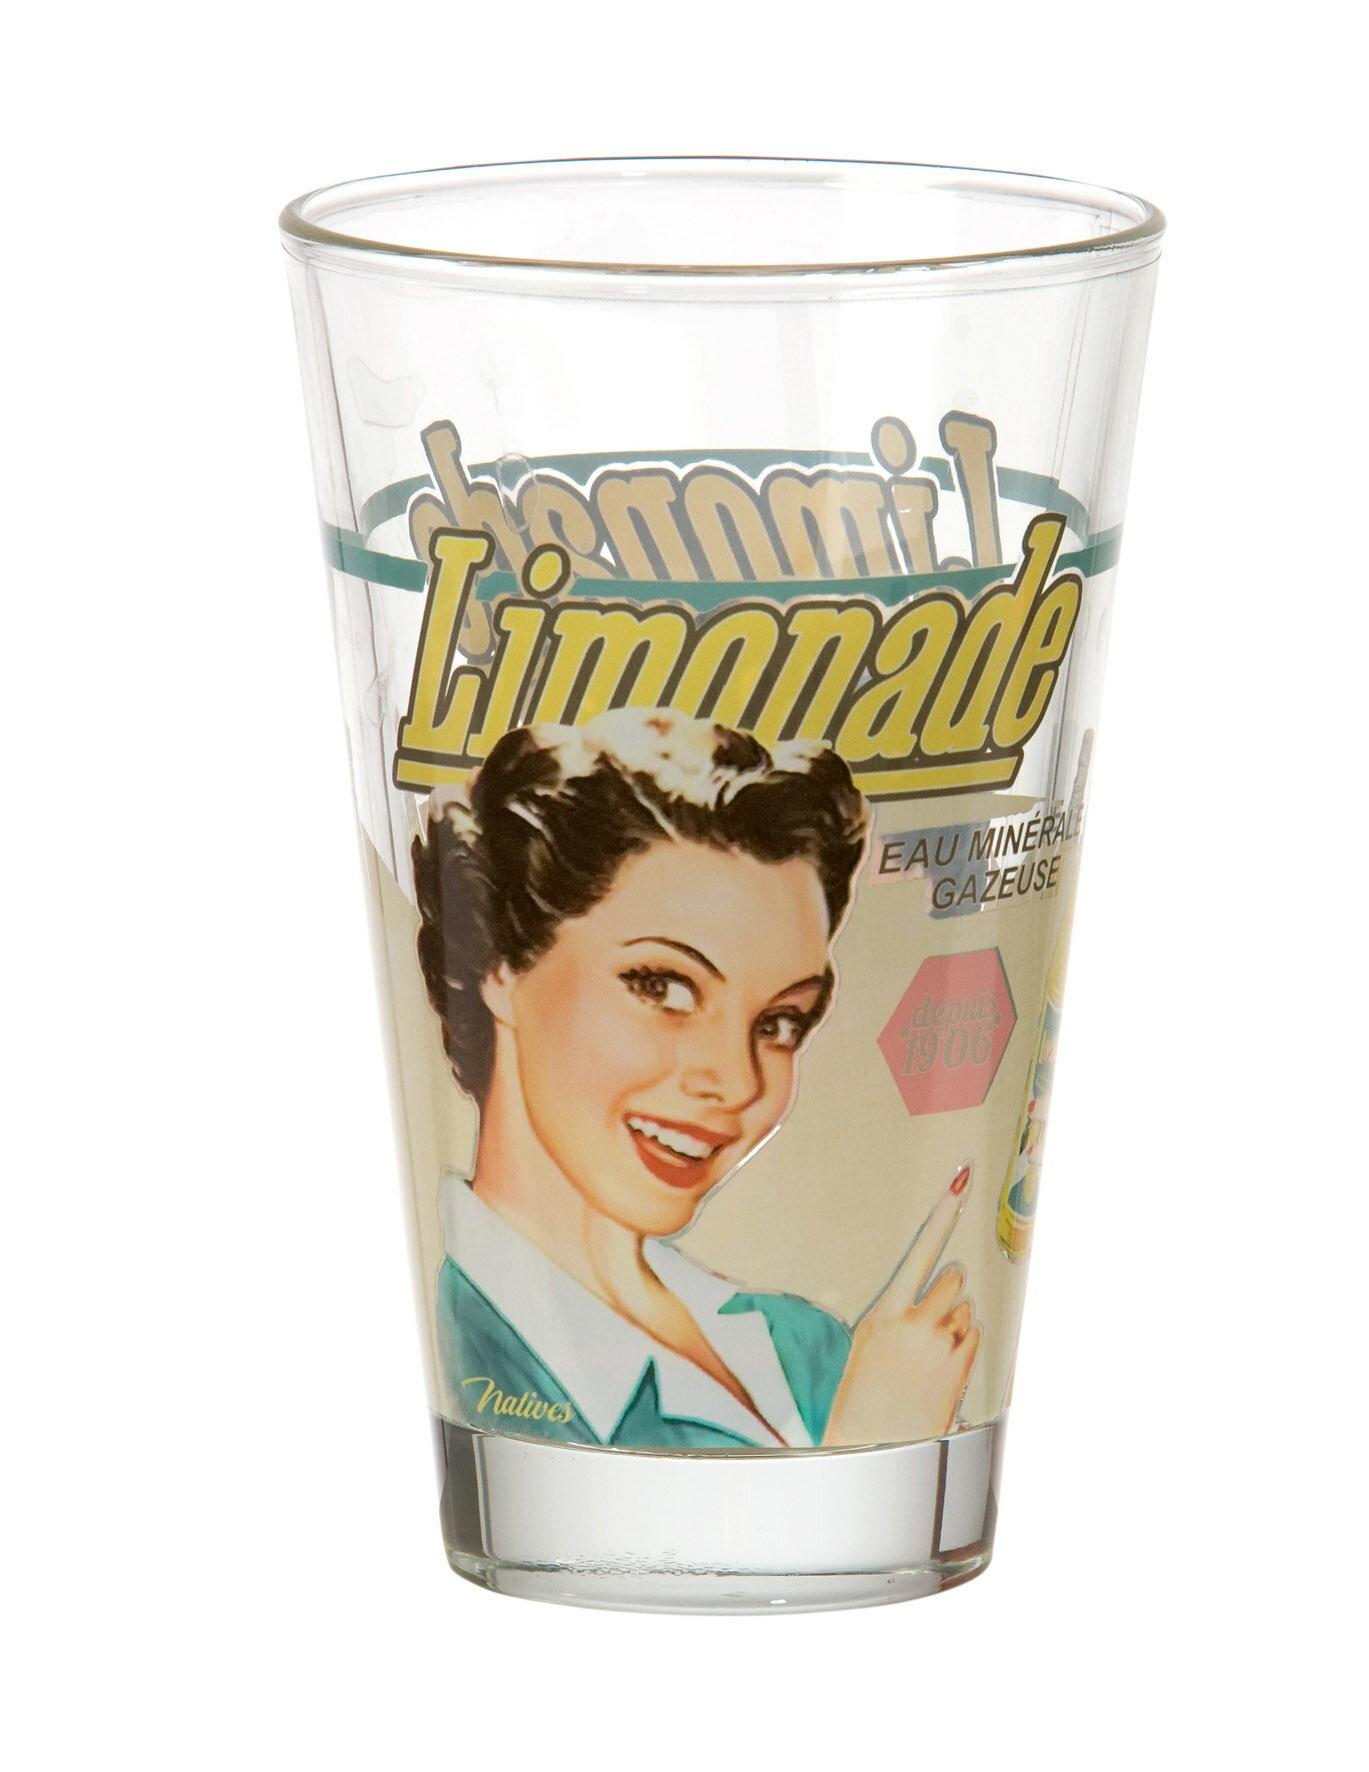 夏日首選檸檬汽水- 玻璃杯Ø 7.5 x 12.5 cm